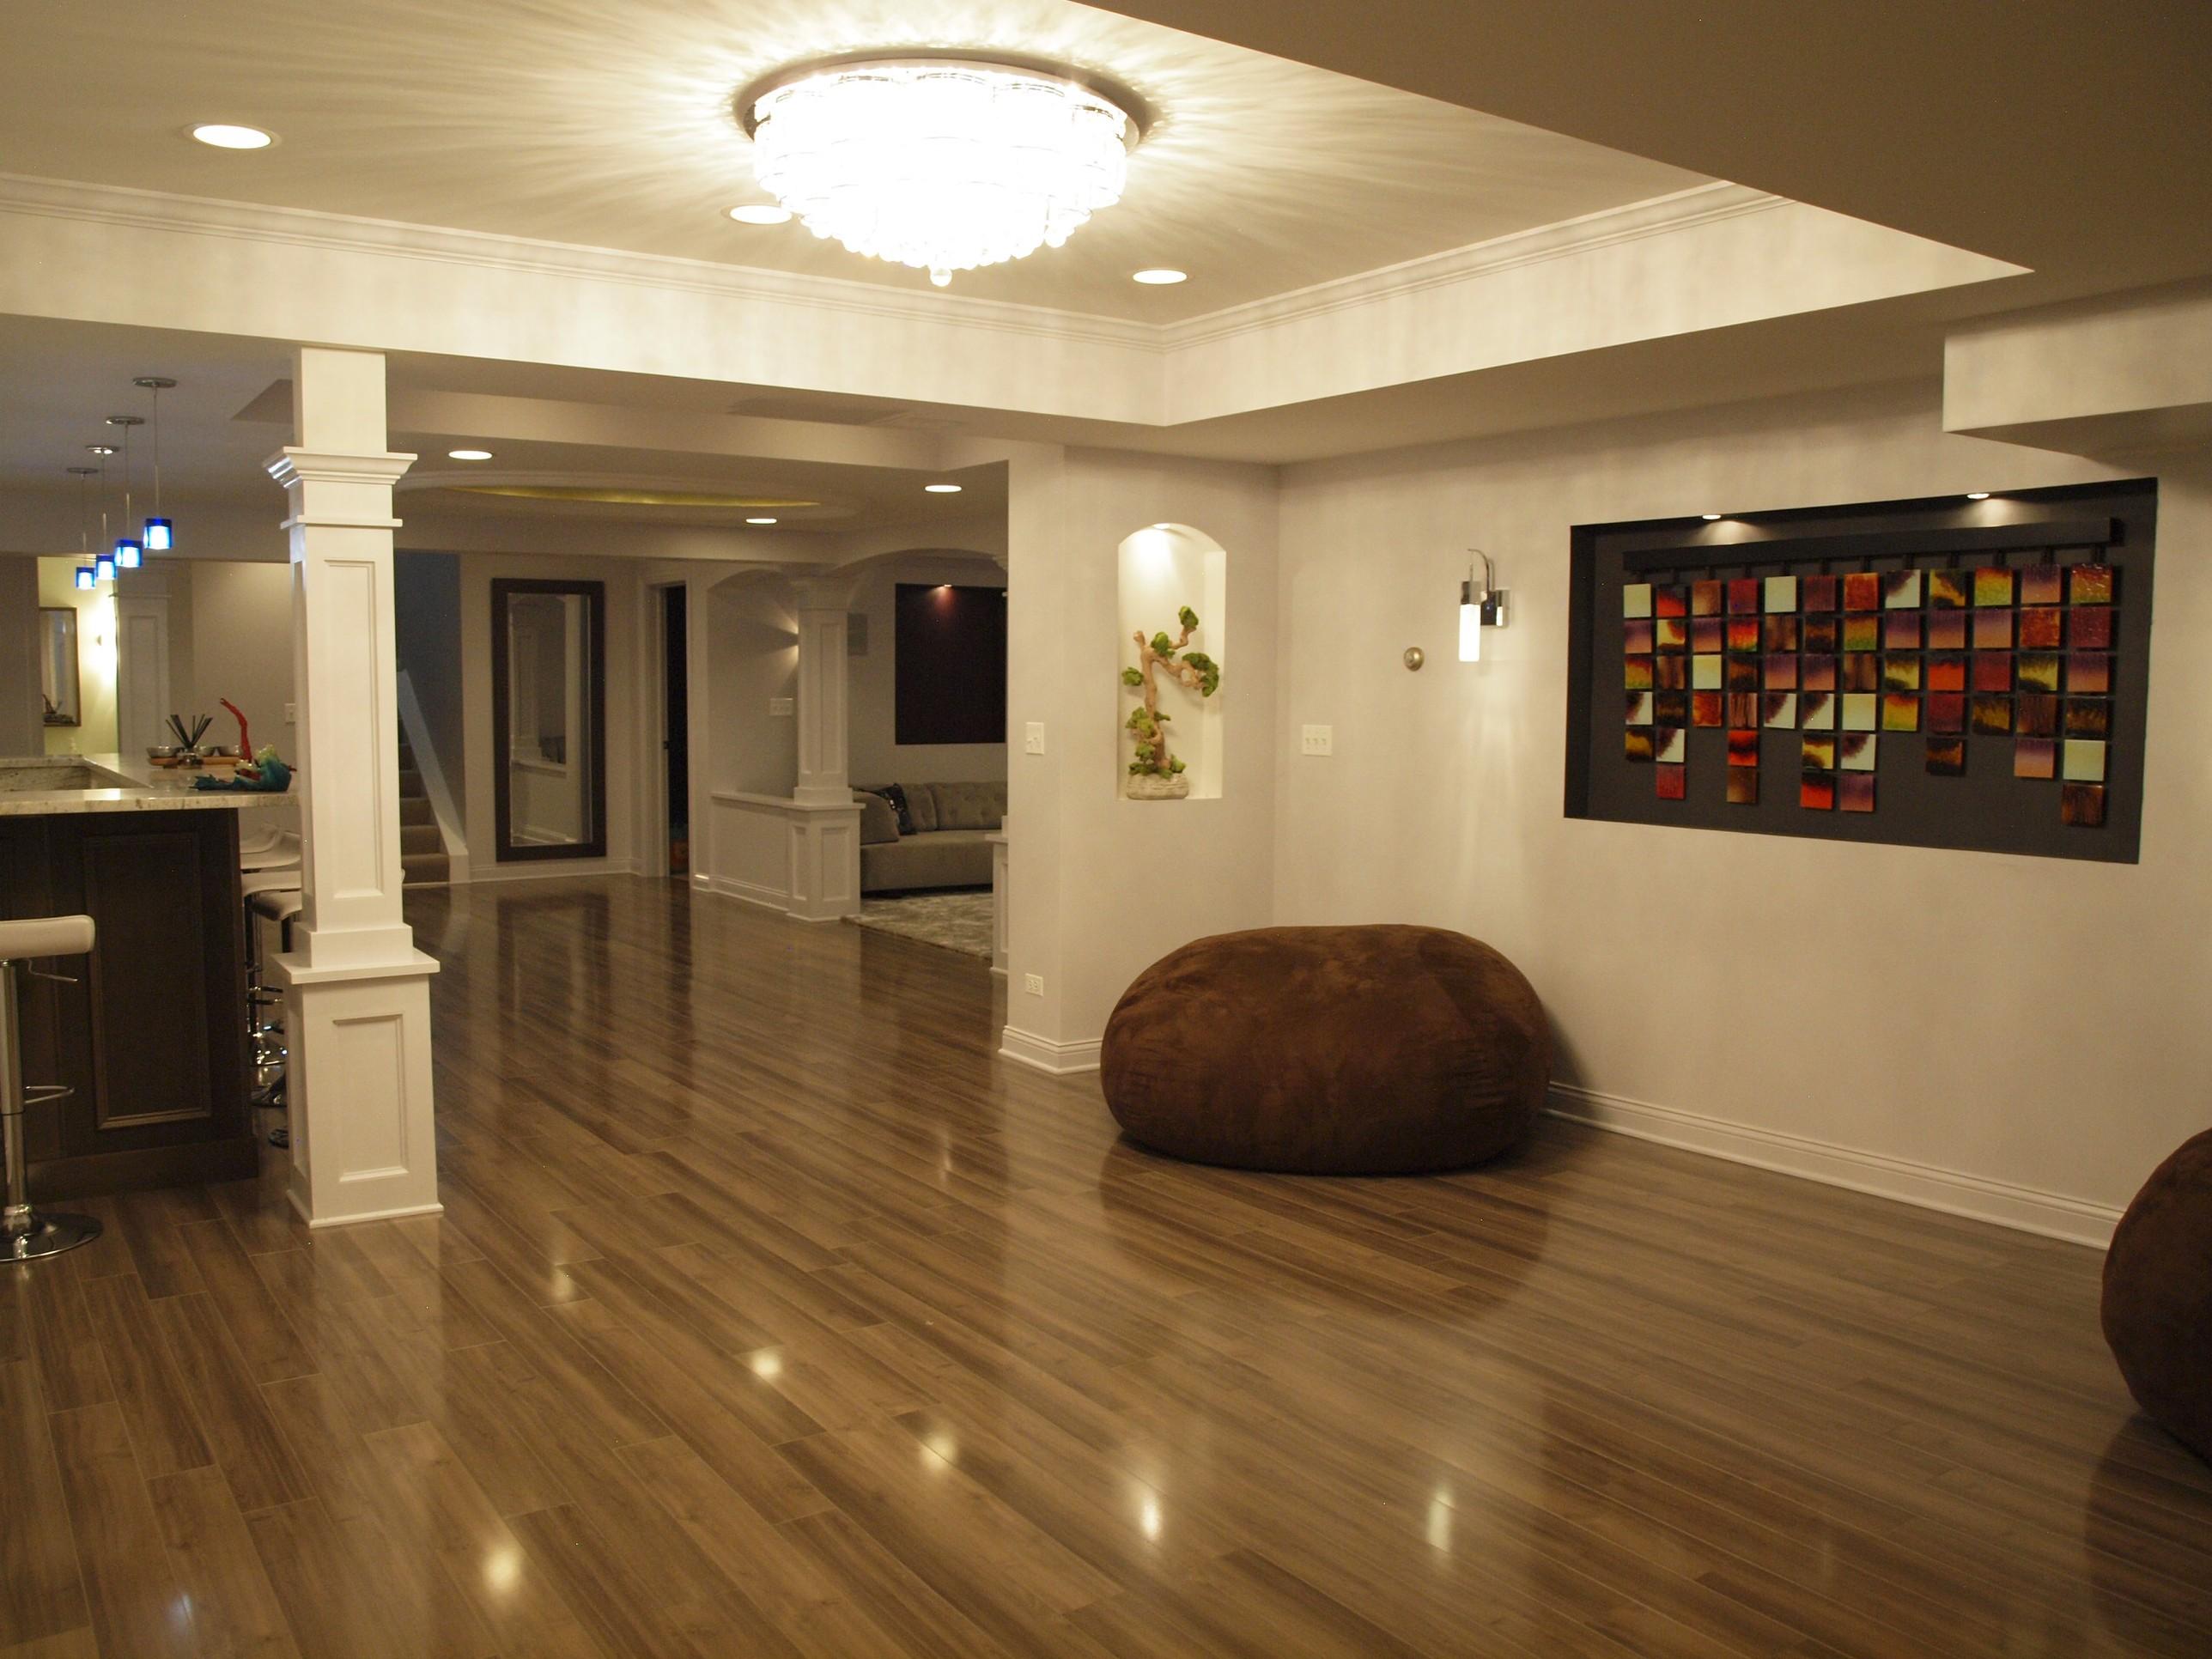 unfinished basement lighting. Basement Lighting Options. Unfinished Elegant Bedroom Options S